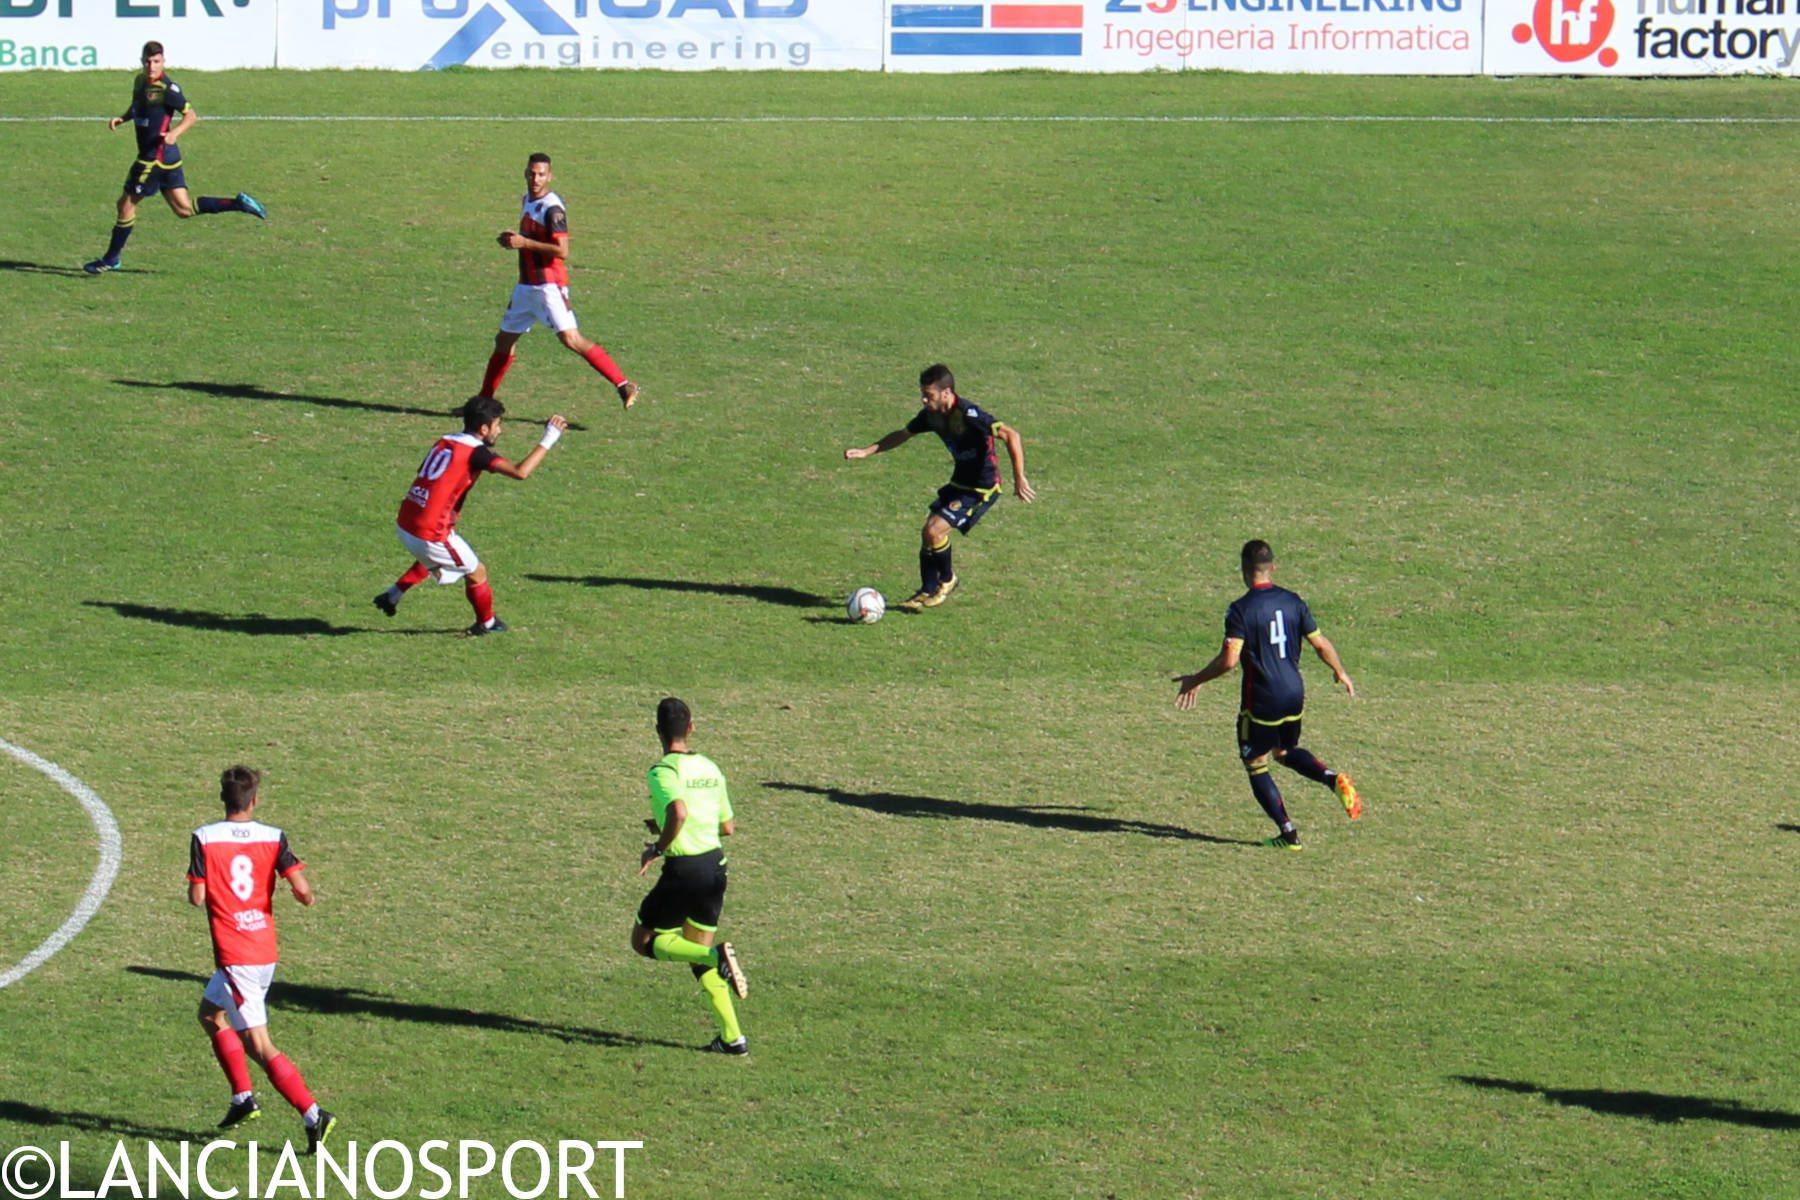 Lanciano-Torrese 2-1